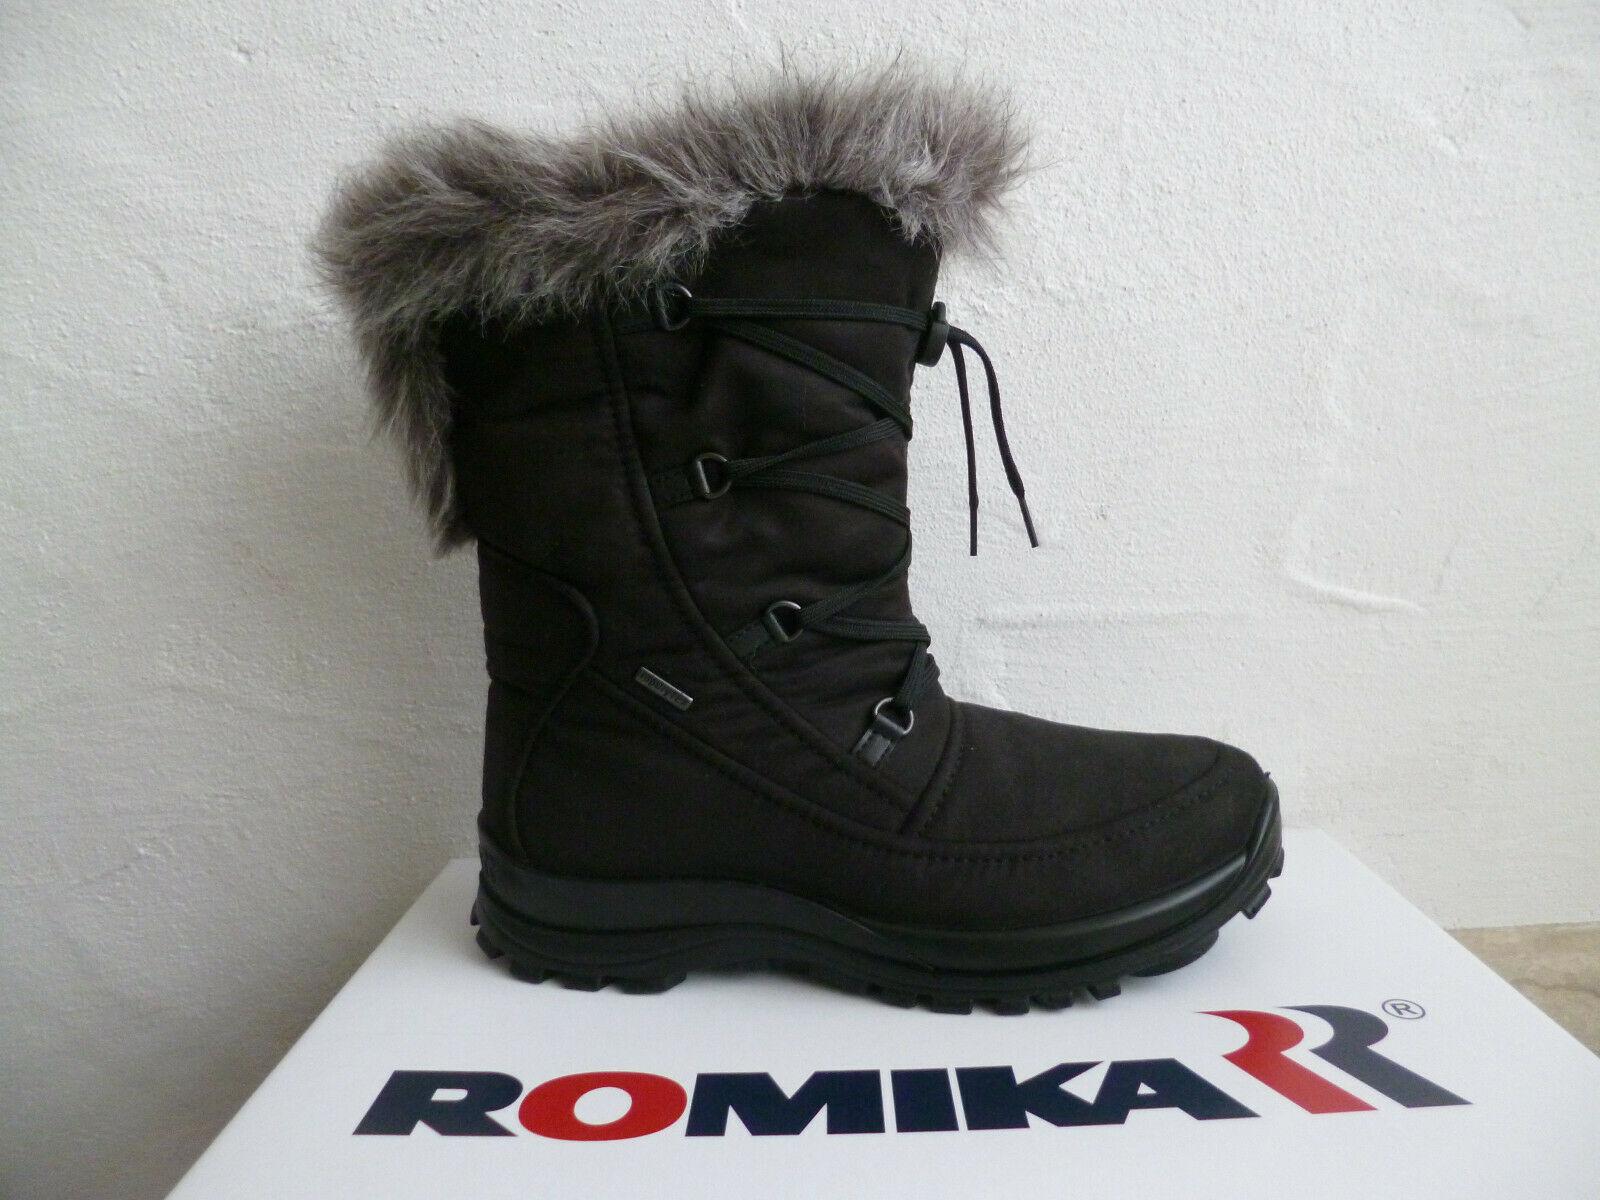 Romika Damen Stiefel Stiefeletten Boots 87002 Winterstiefel schwarz NEU!!